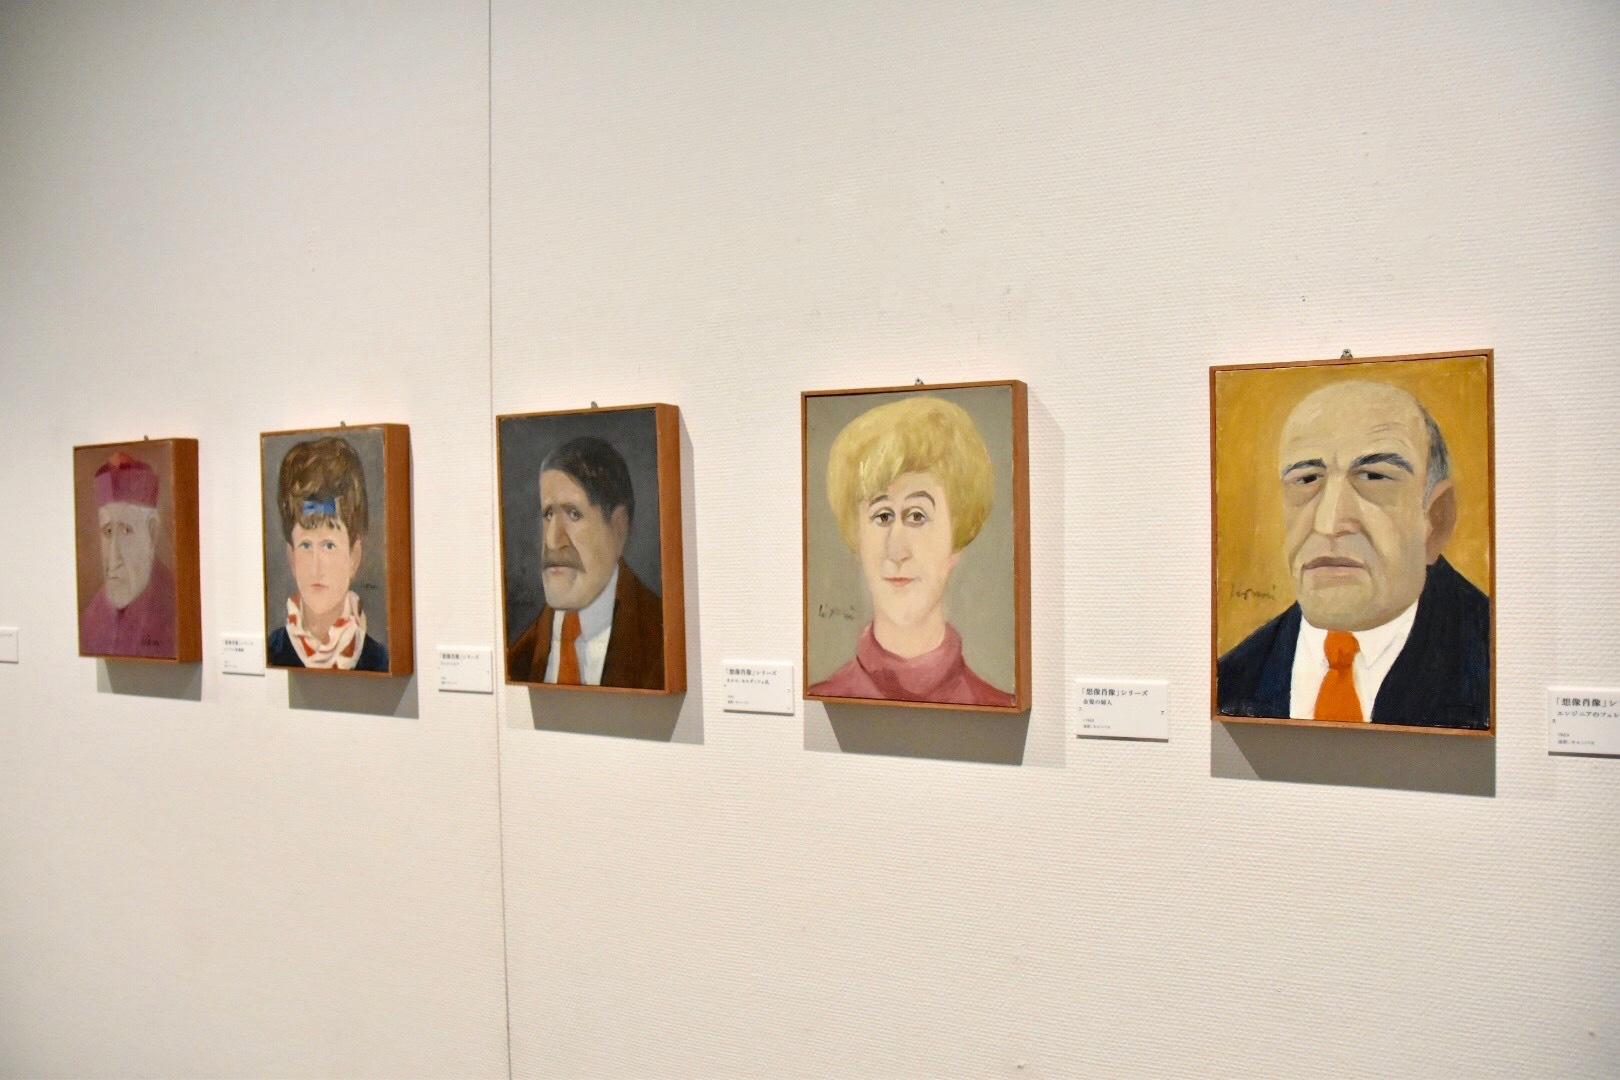 「想像肖像」シリーズ 展示風景